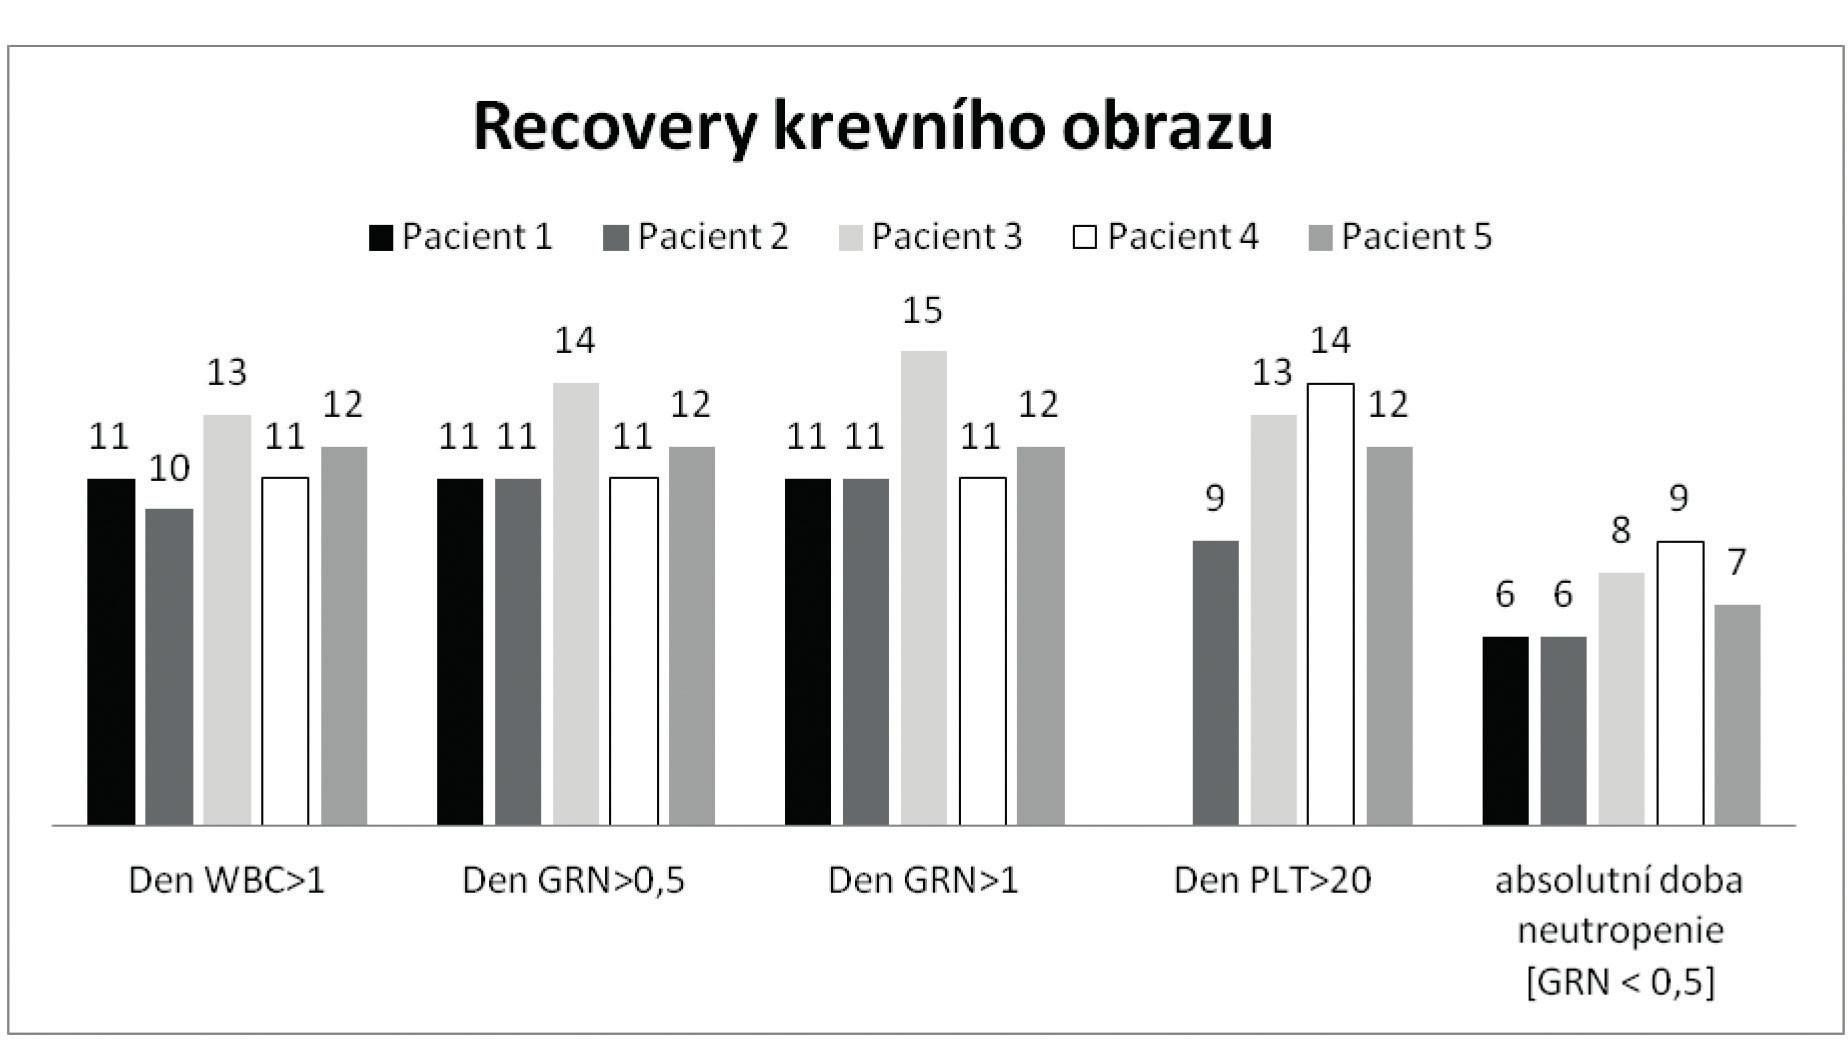 Parametry obnovy krevního obrazu <br>WBC – leukocyty [x 109/l]; GRN – granulocyty [x 10<sup>9</sup>/l] a PLT – trombocyty [x 10<sup>9</sup>/l] U pacienta č. 1 k poklesu koncentrace trombocytů pod 20 x 10<sup>9</sup>/l nedošlo.